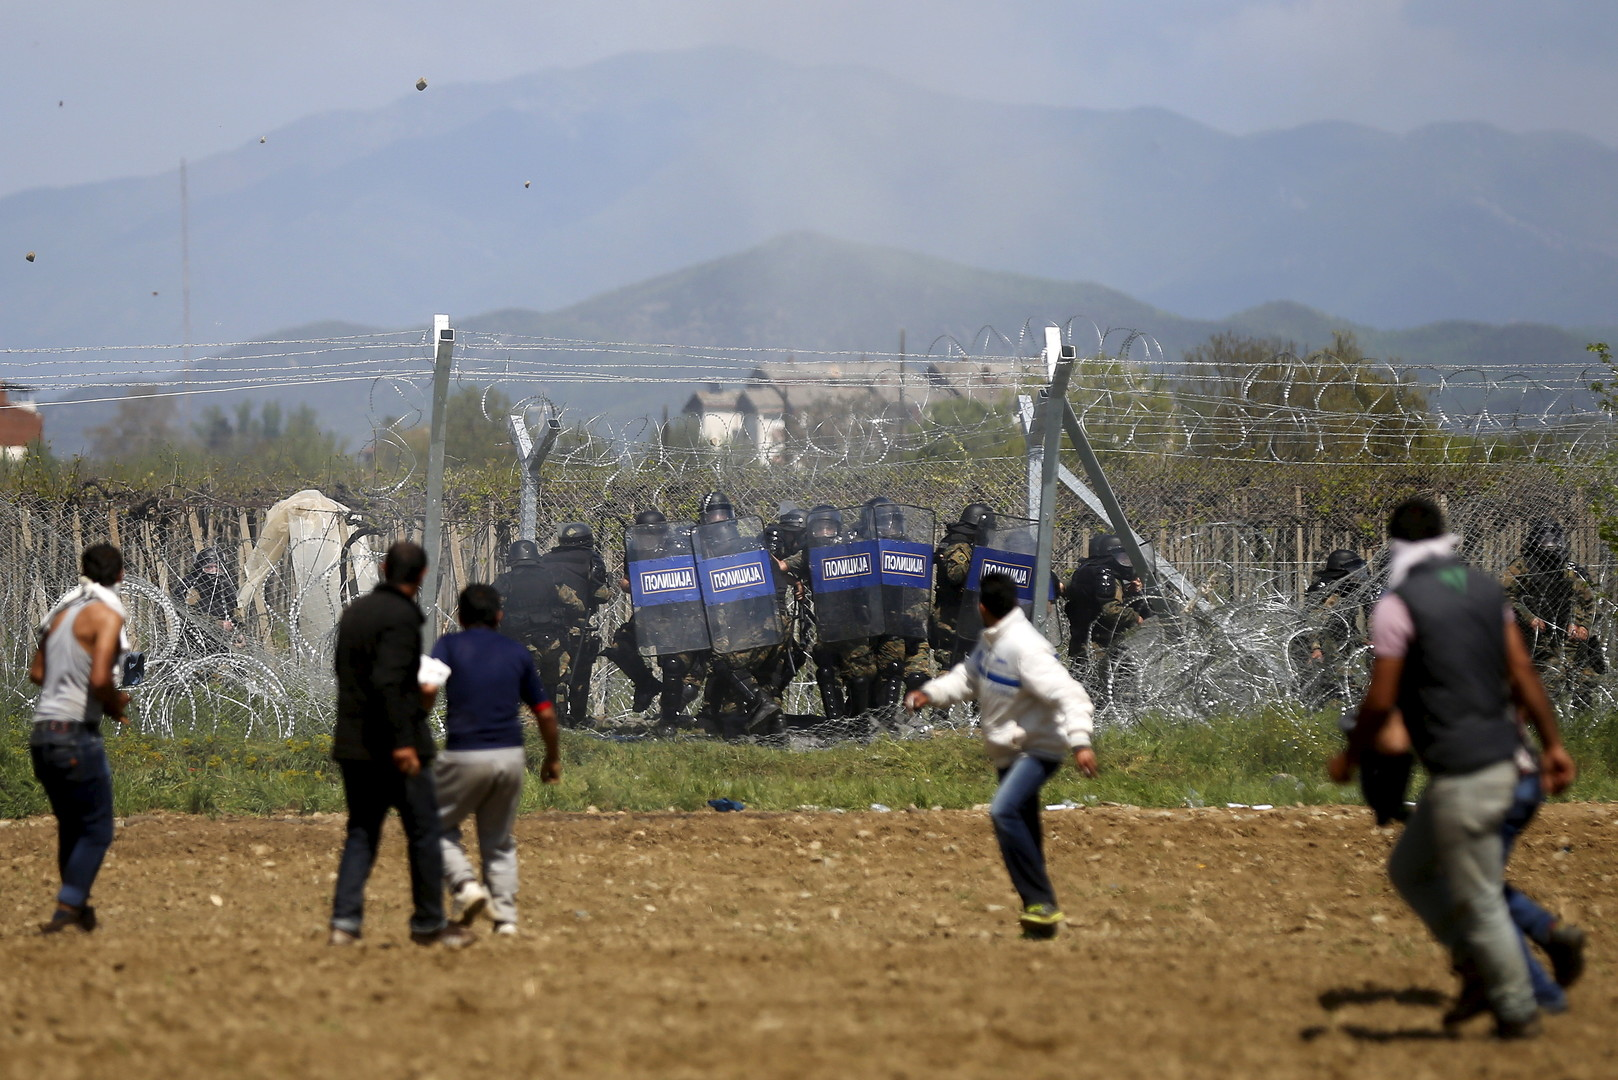 Grèce: au moins «260 migrants blessés» à Idomeni après l'usage de gaz lacrymogènes (PHOTOS, VIDEOS)